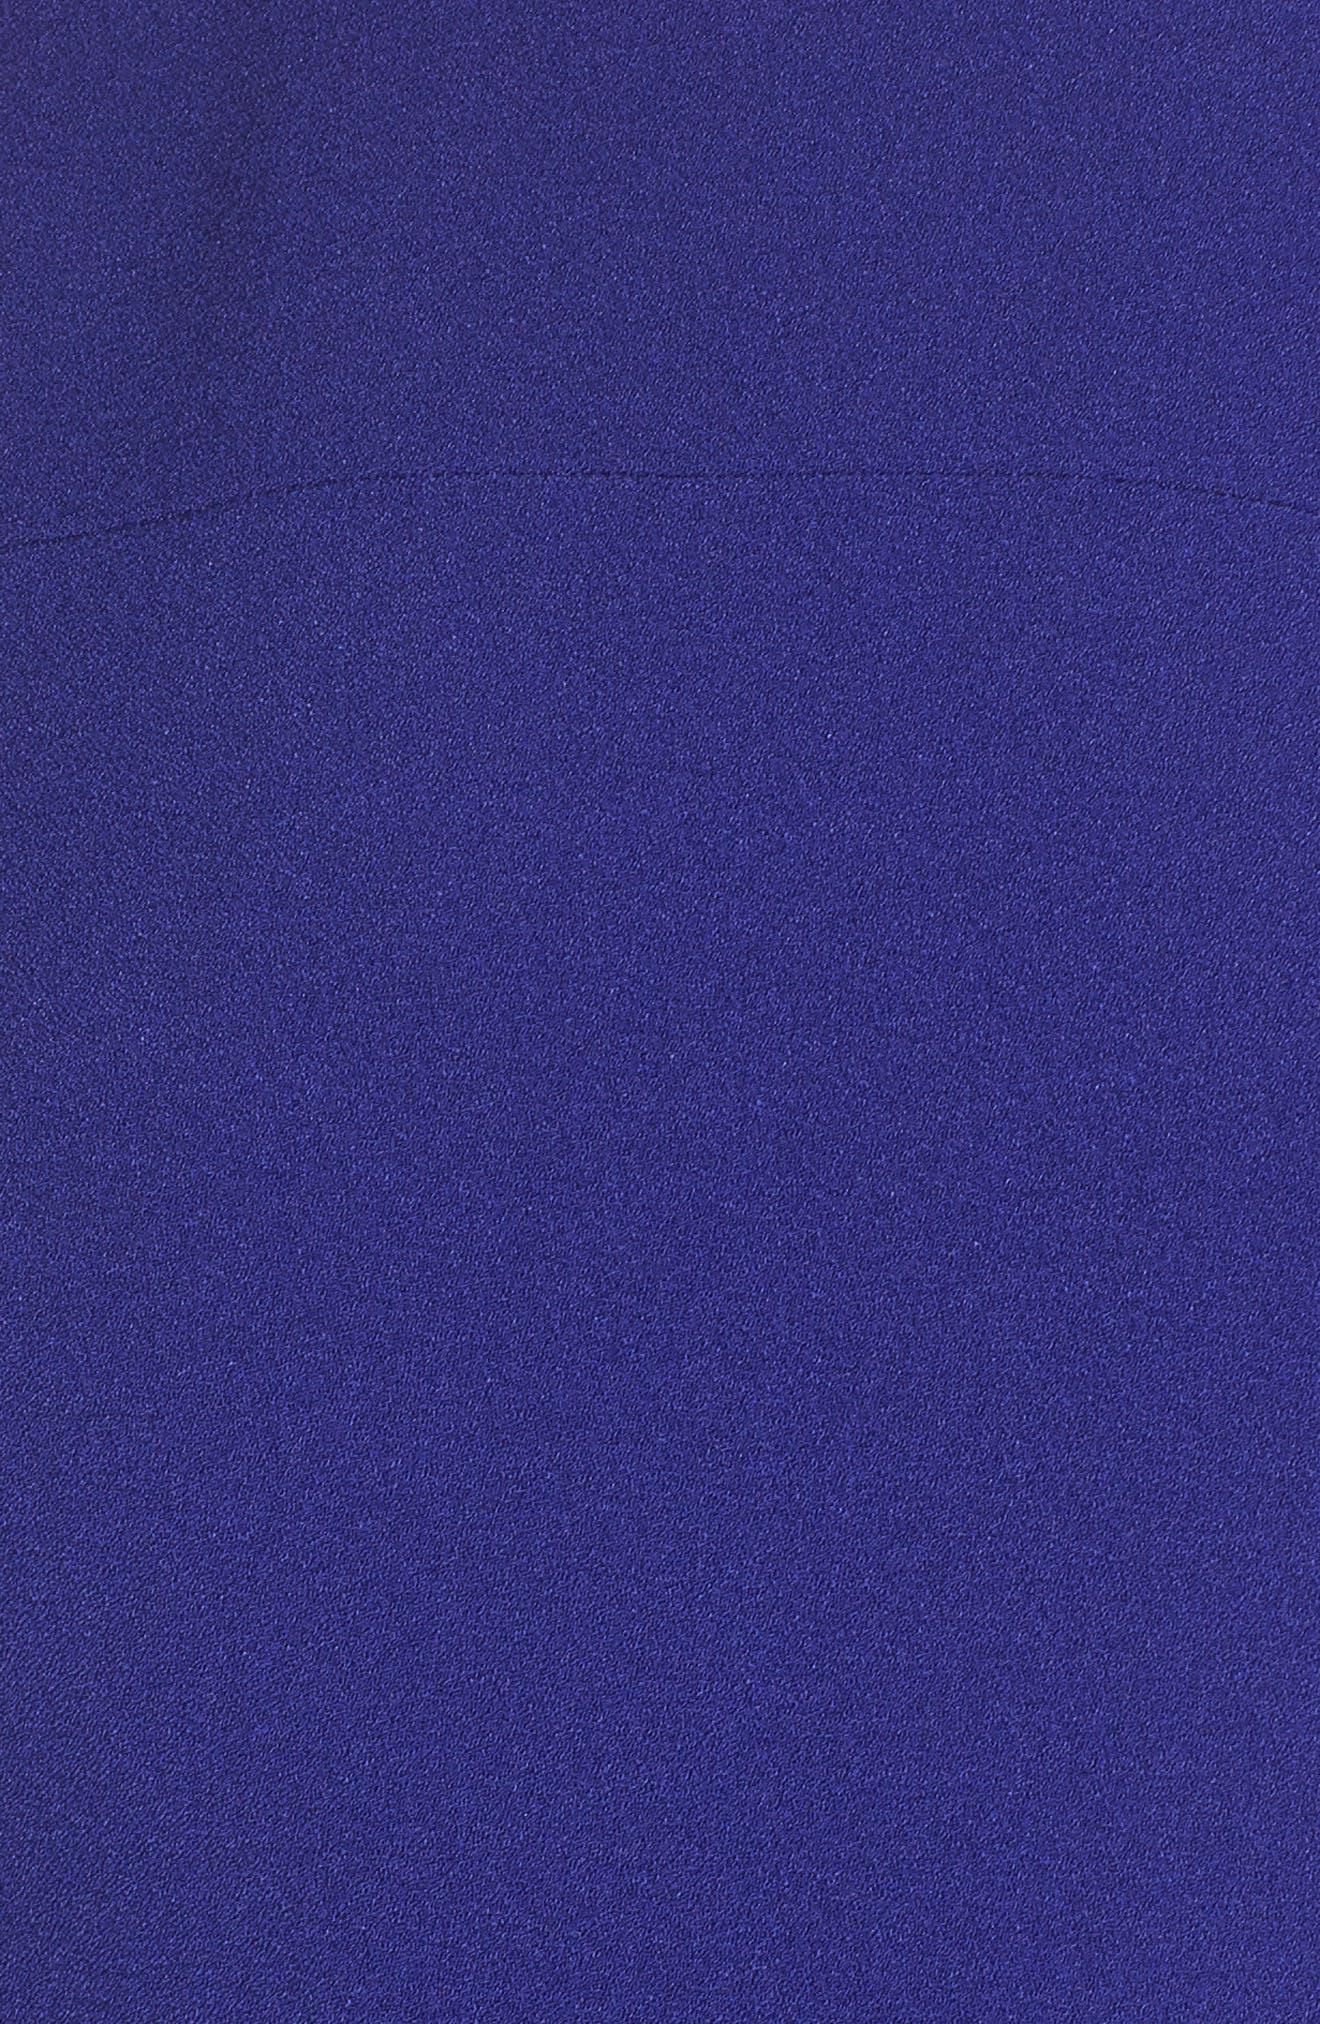 VINCE CAMUTO, Kors Crepe Jumpsuit, Alternate thumbnail 6, color, COBALT